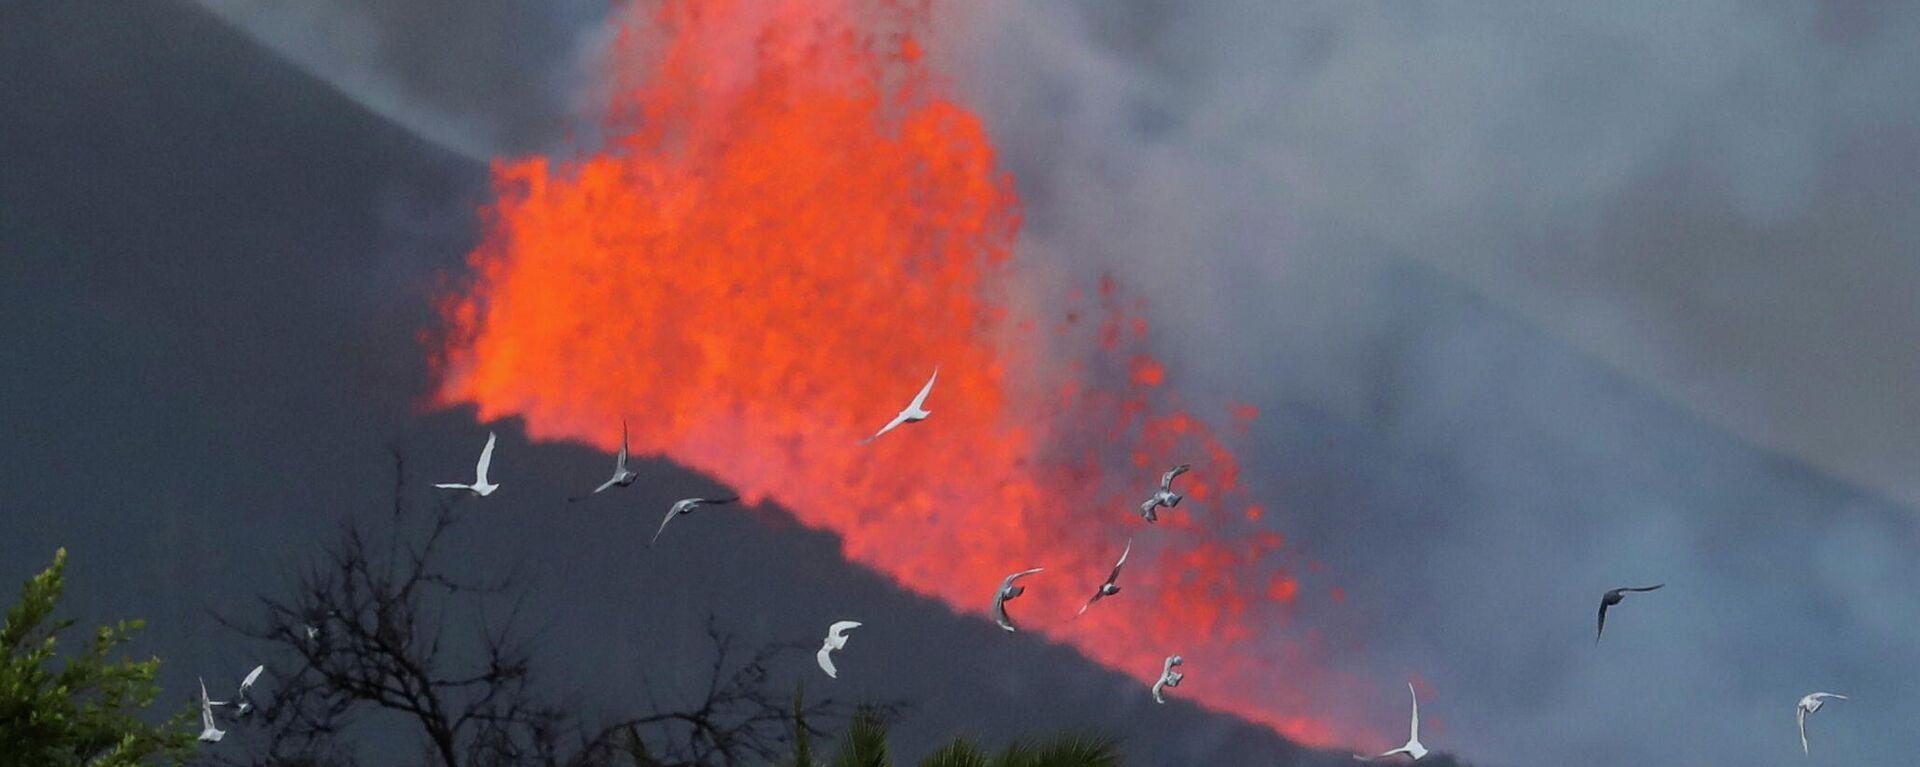 La lava sale expulsada del volcán de Cumbre Vieja (La Palma) - Sputnik Mundo, 1920, 11.10.2021